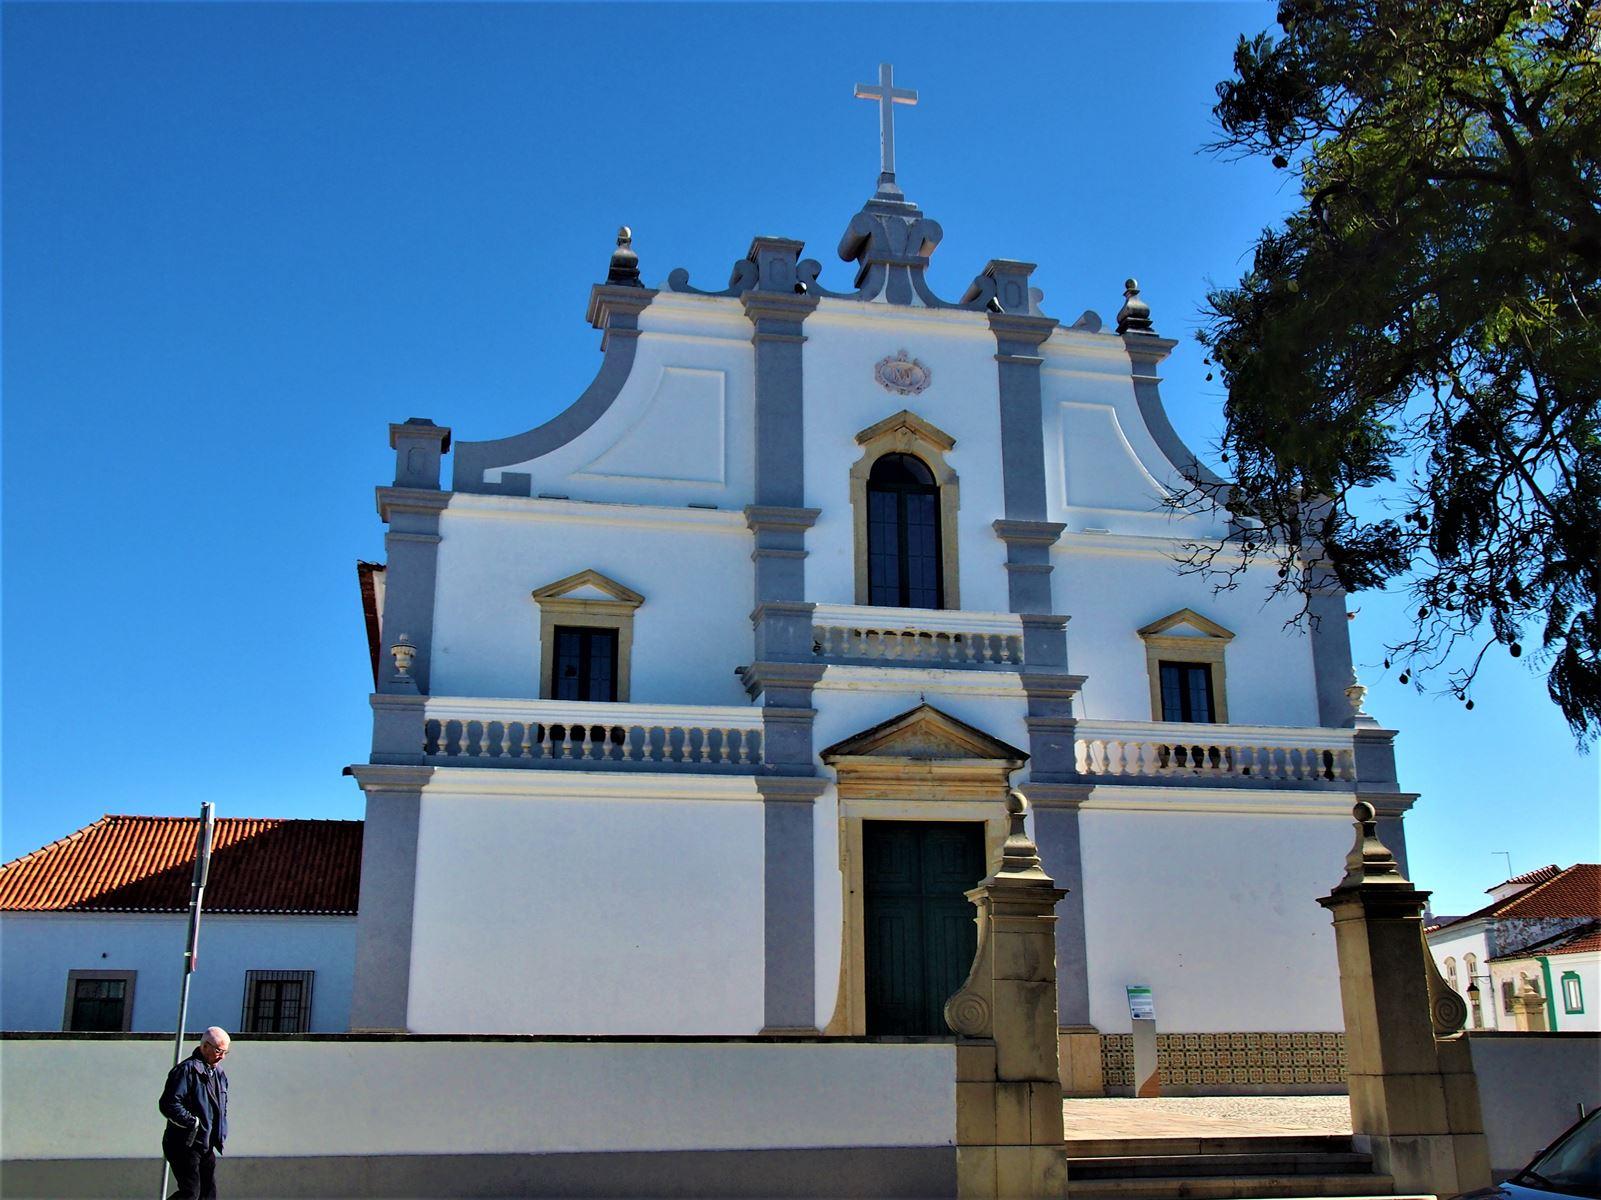 Igreja Matriz de Lagoa - l'église mère de Lagoa